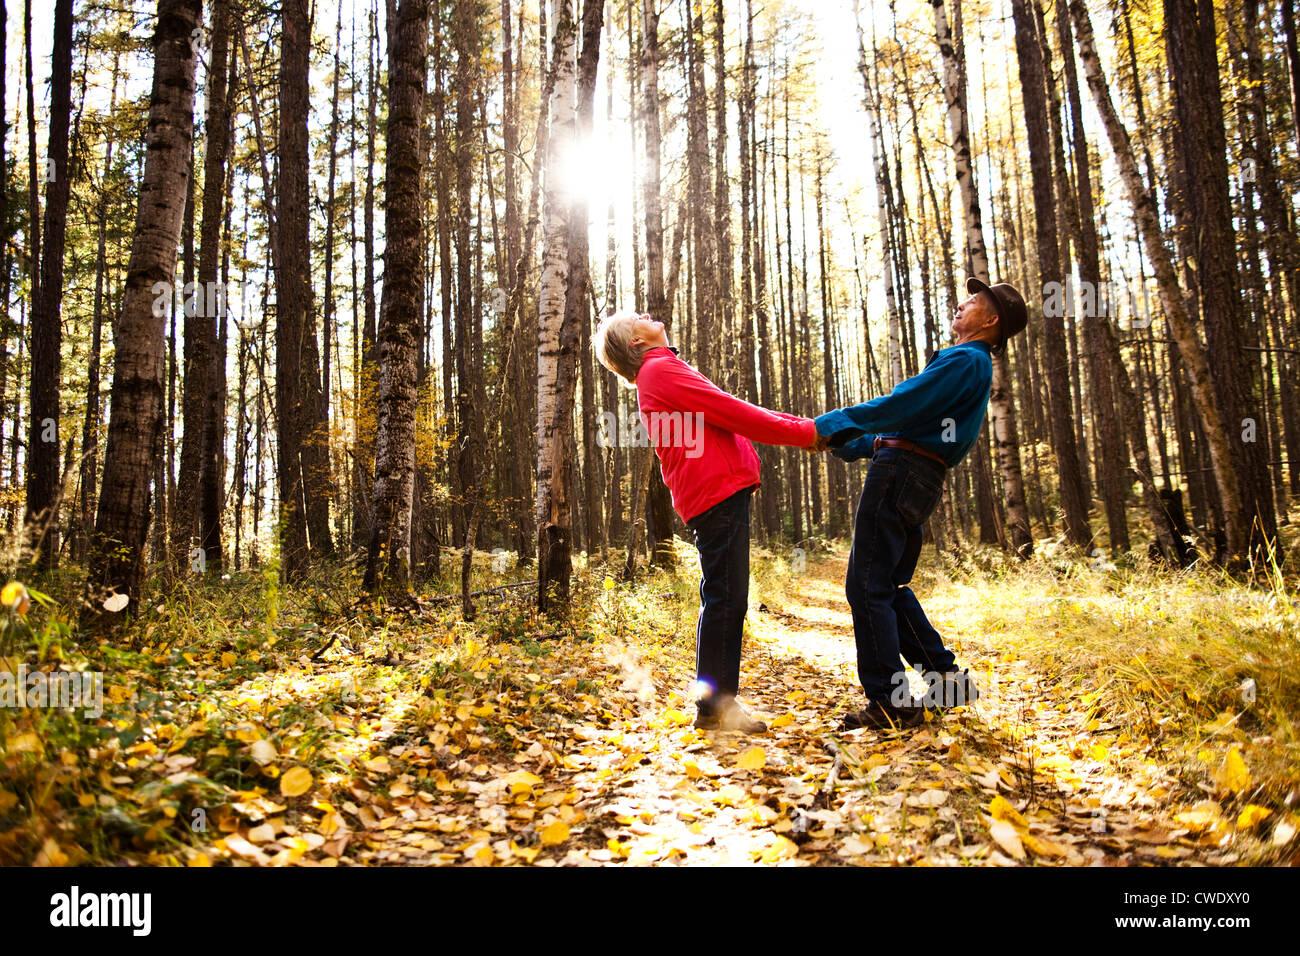 Una feliz pareja de jubilados reír y sonreír durante una caminata a través de un bosque durante el otoño en Idaho. Foto de stock